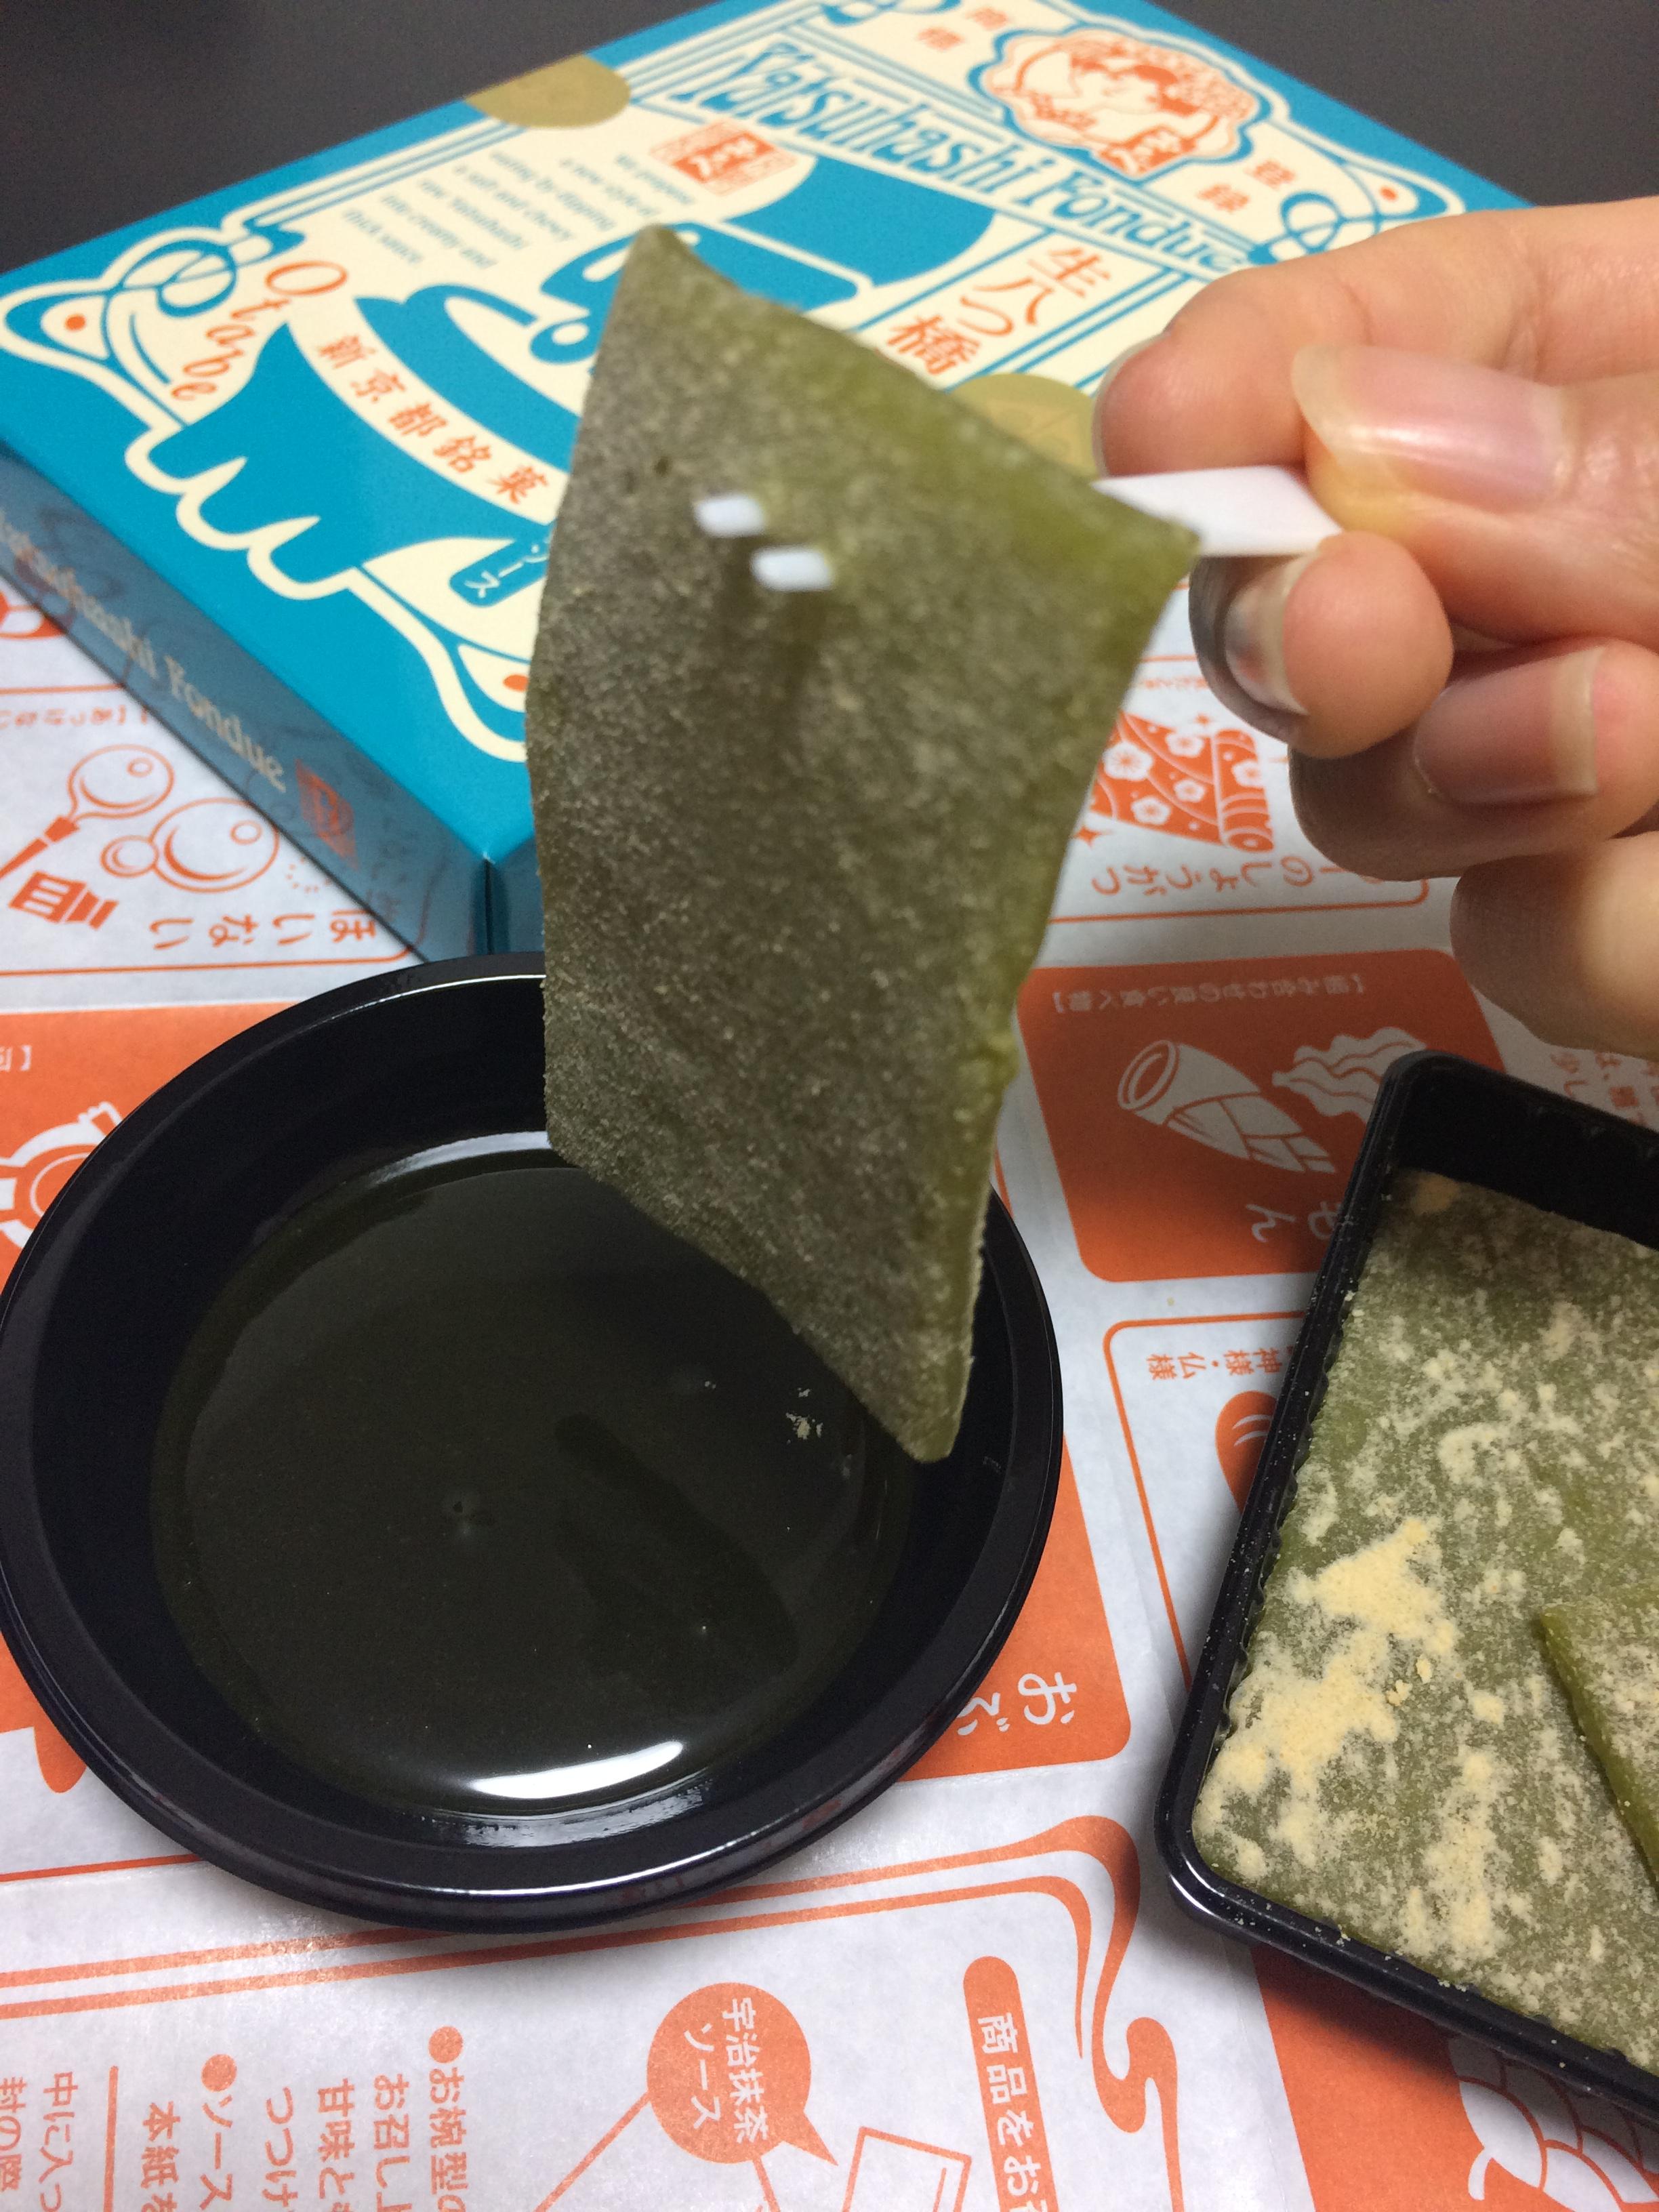 【京都お土産新定番】インスタ映えで可愛い!生八つ橋抹茶フォンデュを食べてみた